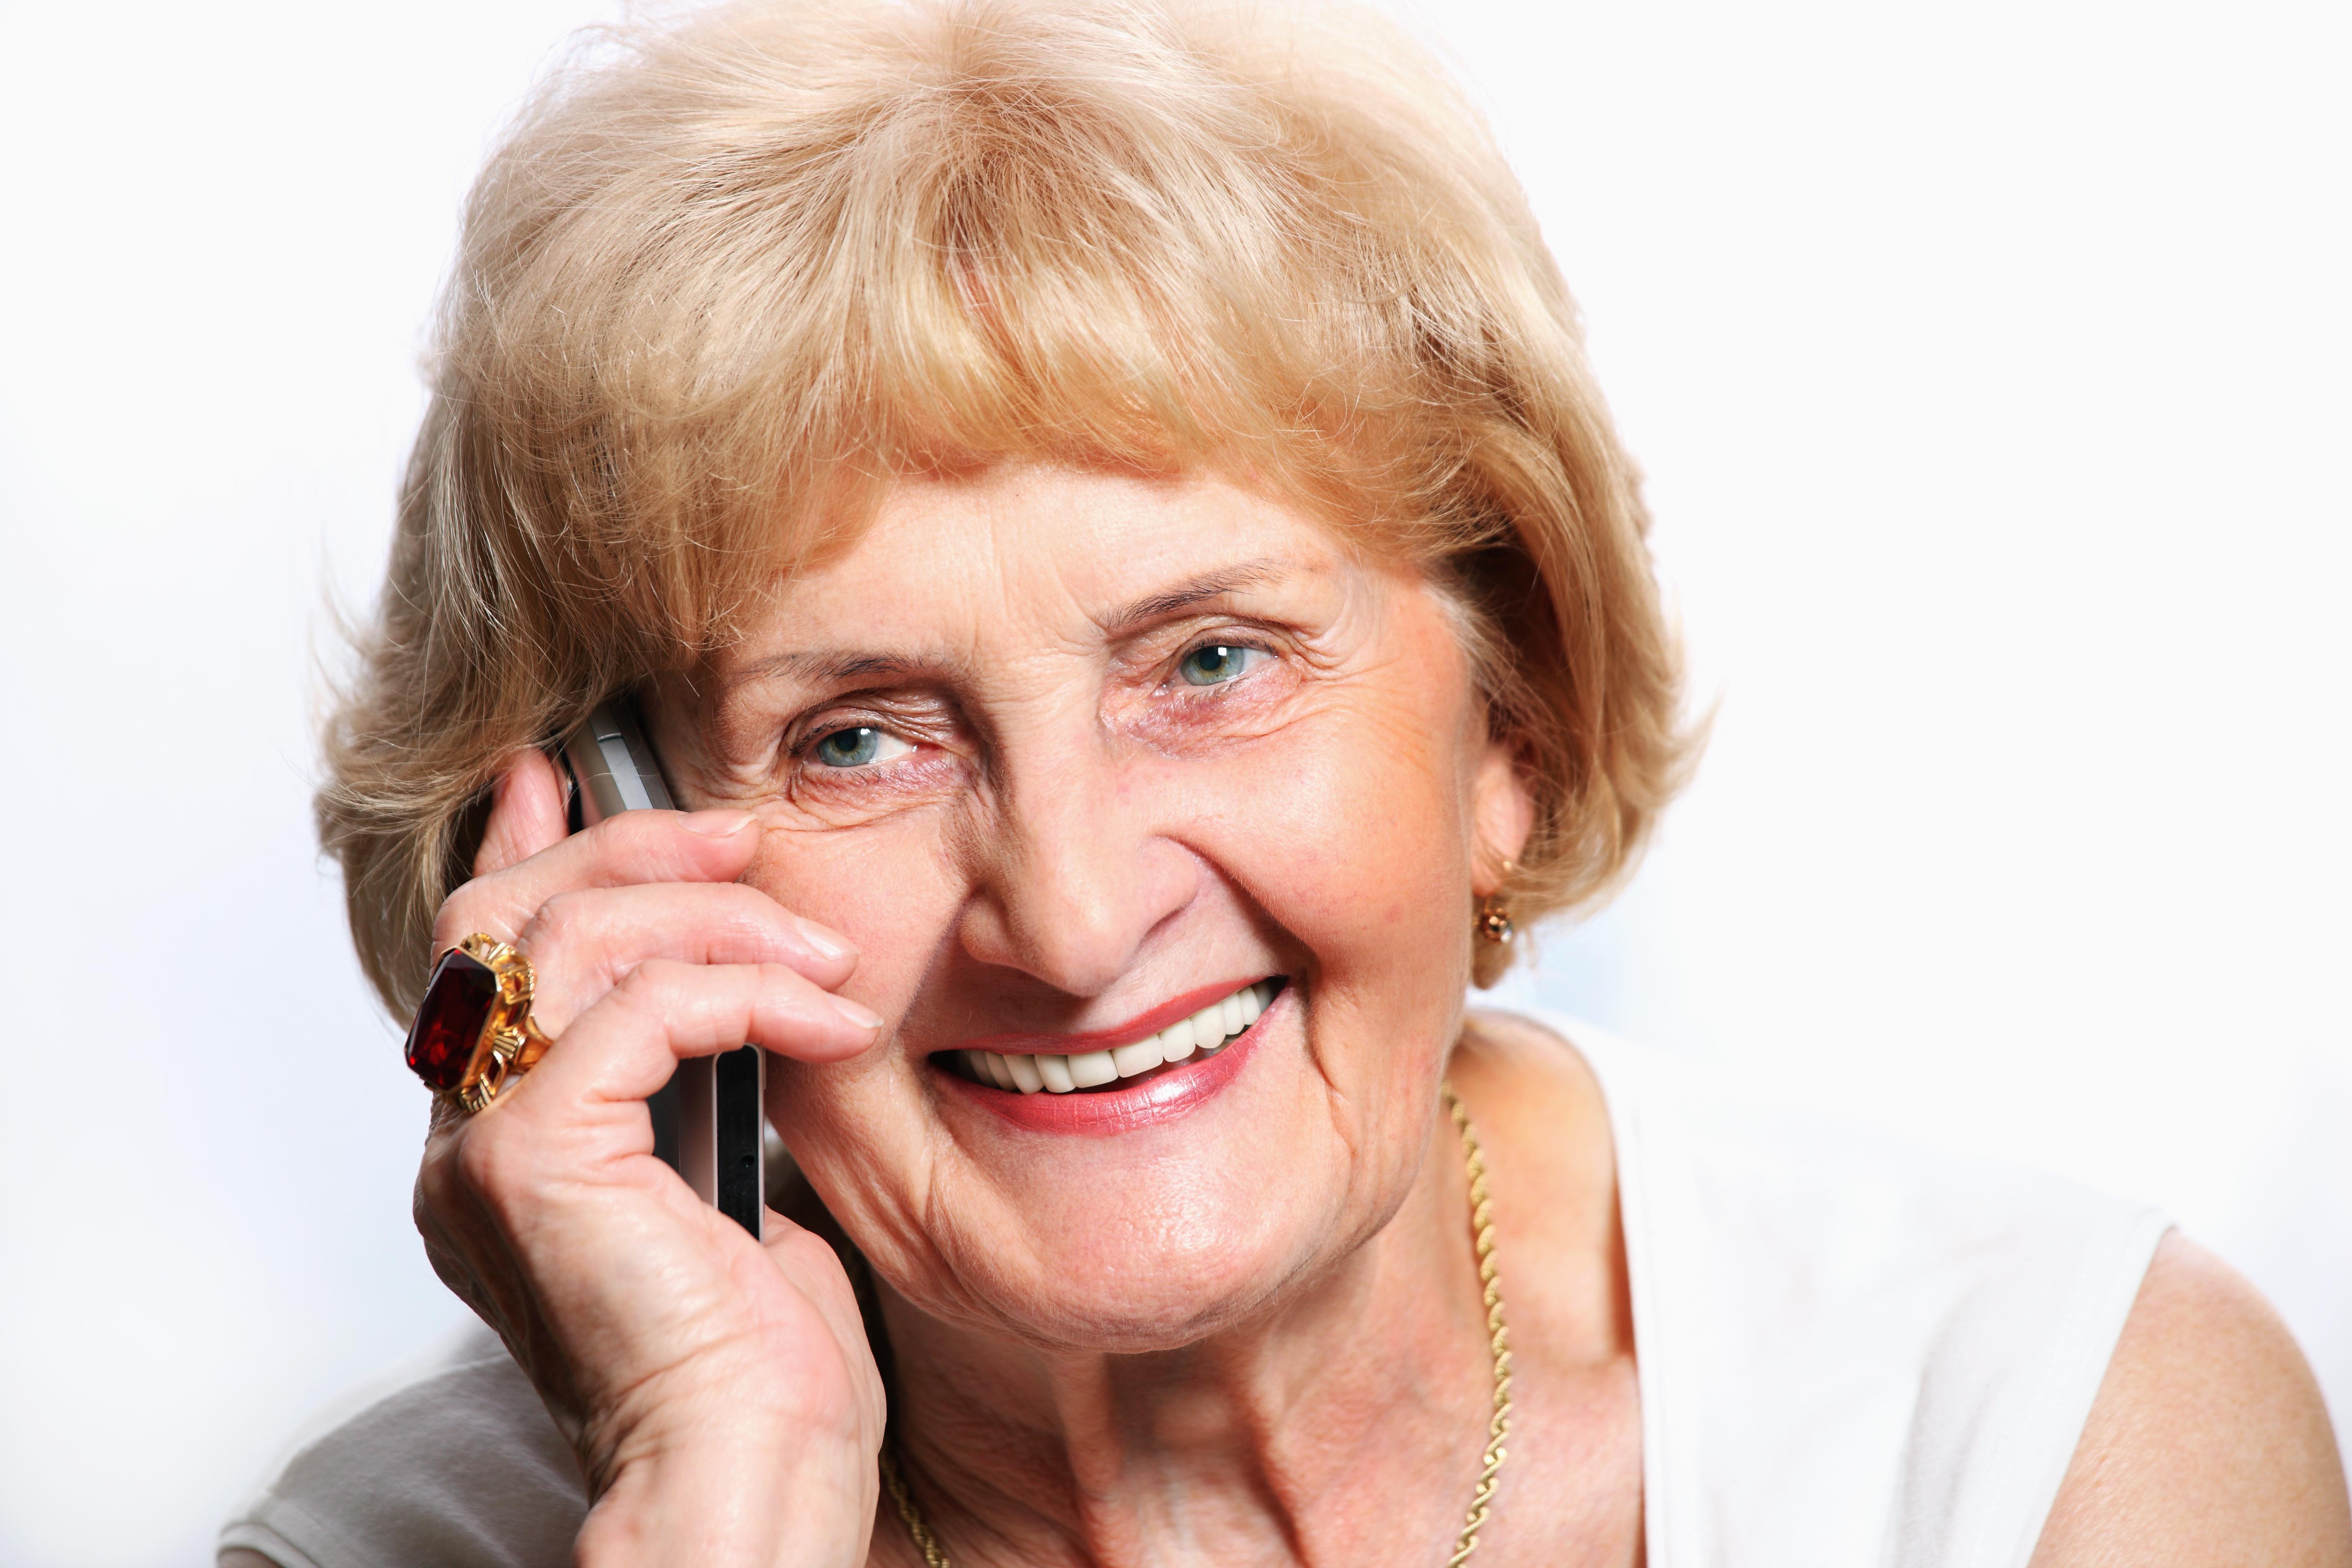 Telefonát s matkou pomáhá snížit stres